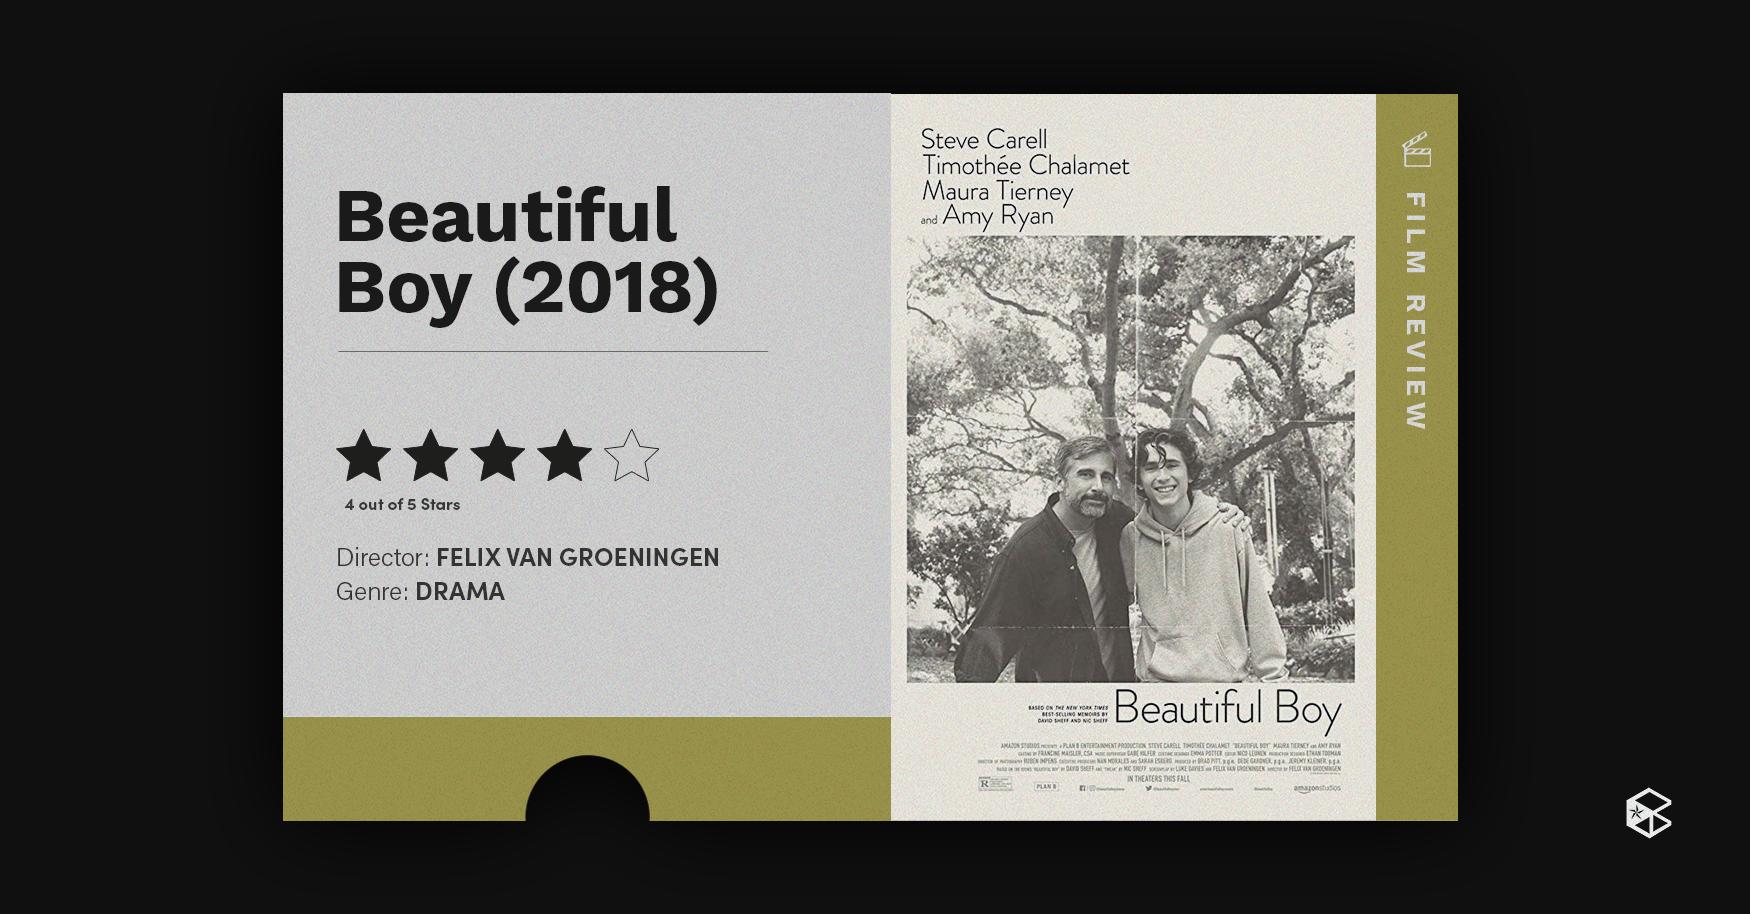 062021 Film Review Beautiful Boy